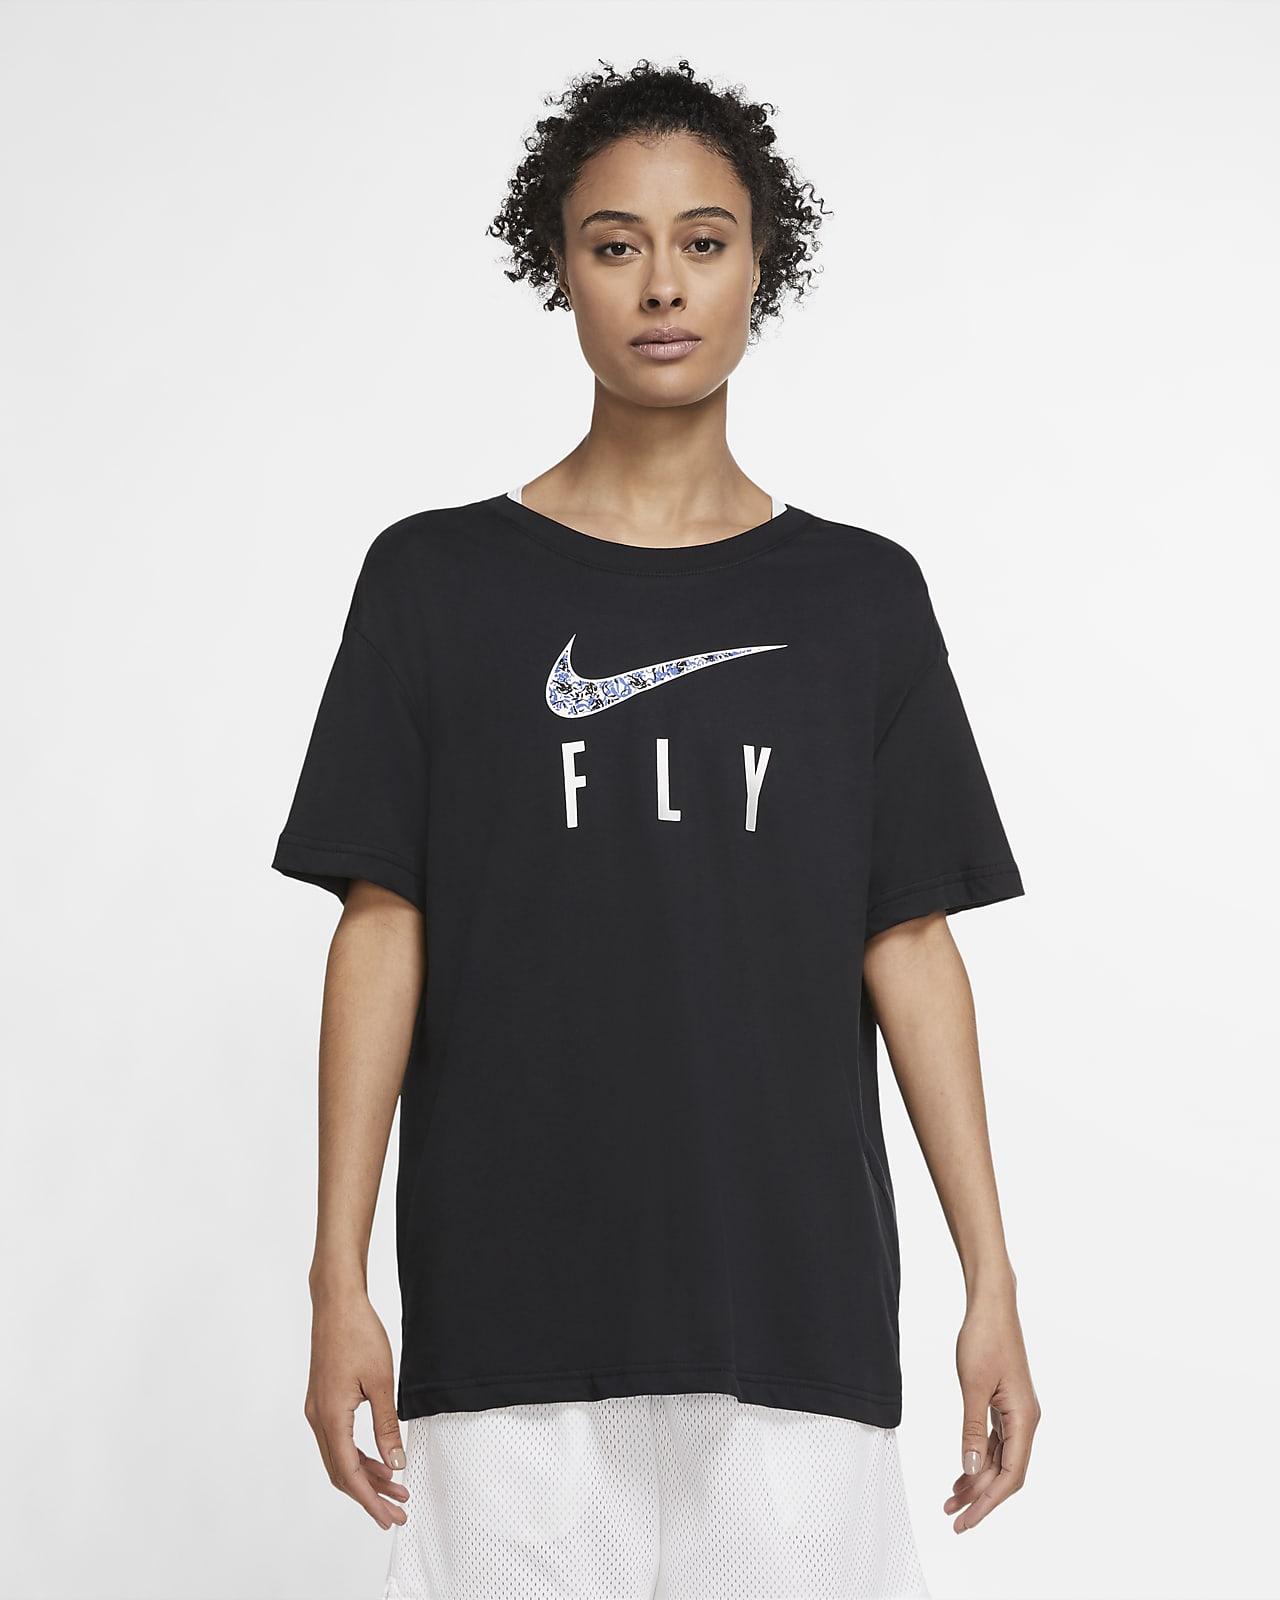 Nike Dri-FIT Swoosh Fly 女子篮球T恤